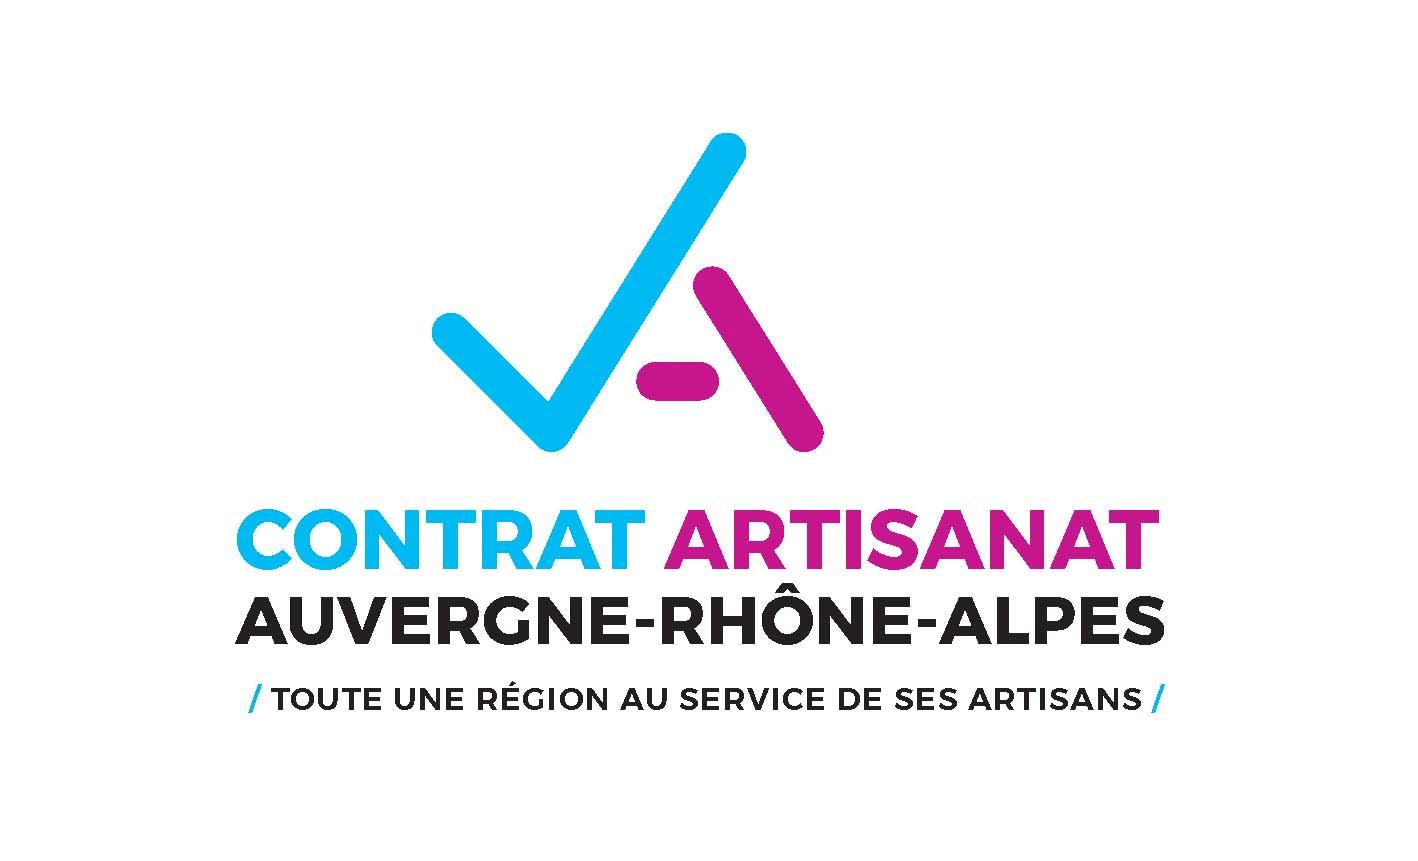 Chambre de Métiers et de l'Artisanat de l'Allier |